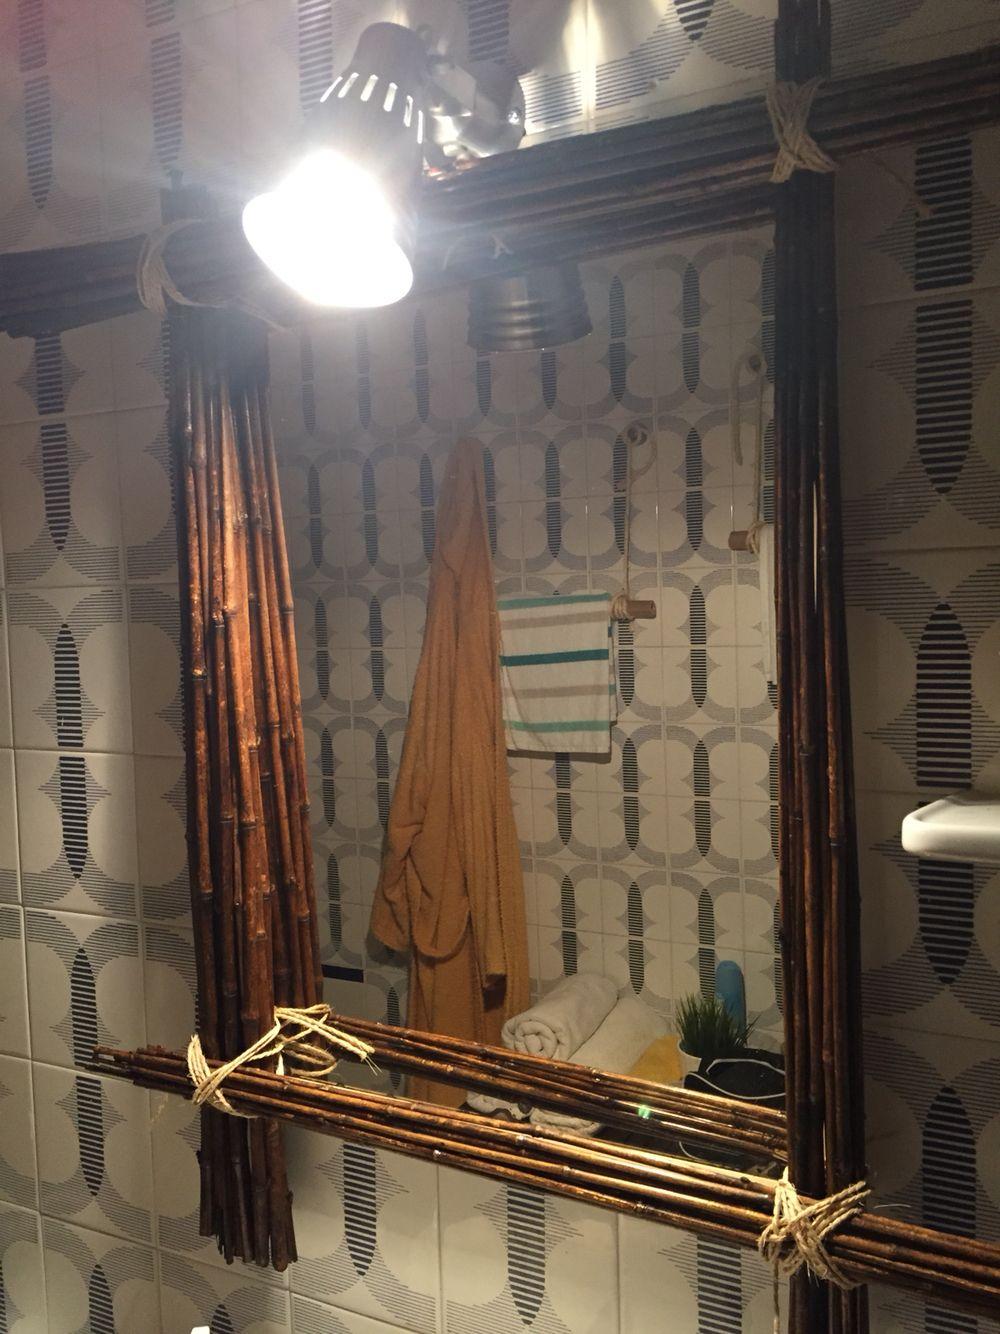 Marco de espejo para renovar uno con marco viejo! Hay que cortar las cañitas y atarlas con cuerdas. Mirrow frame .